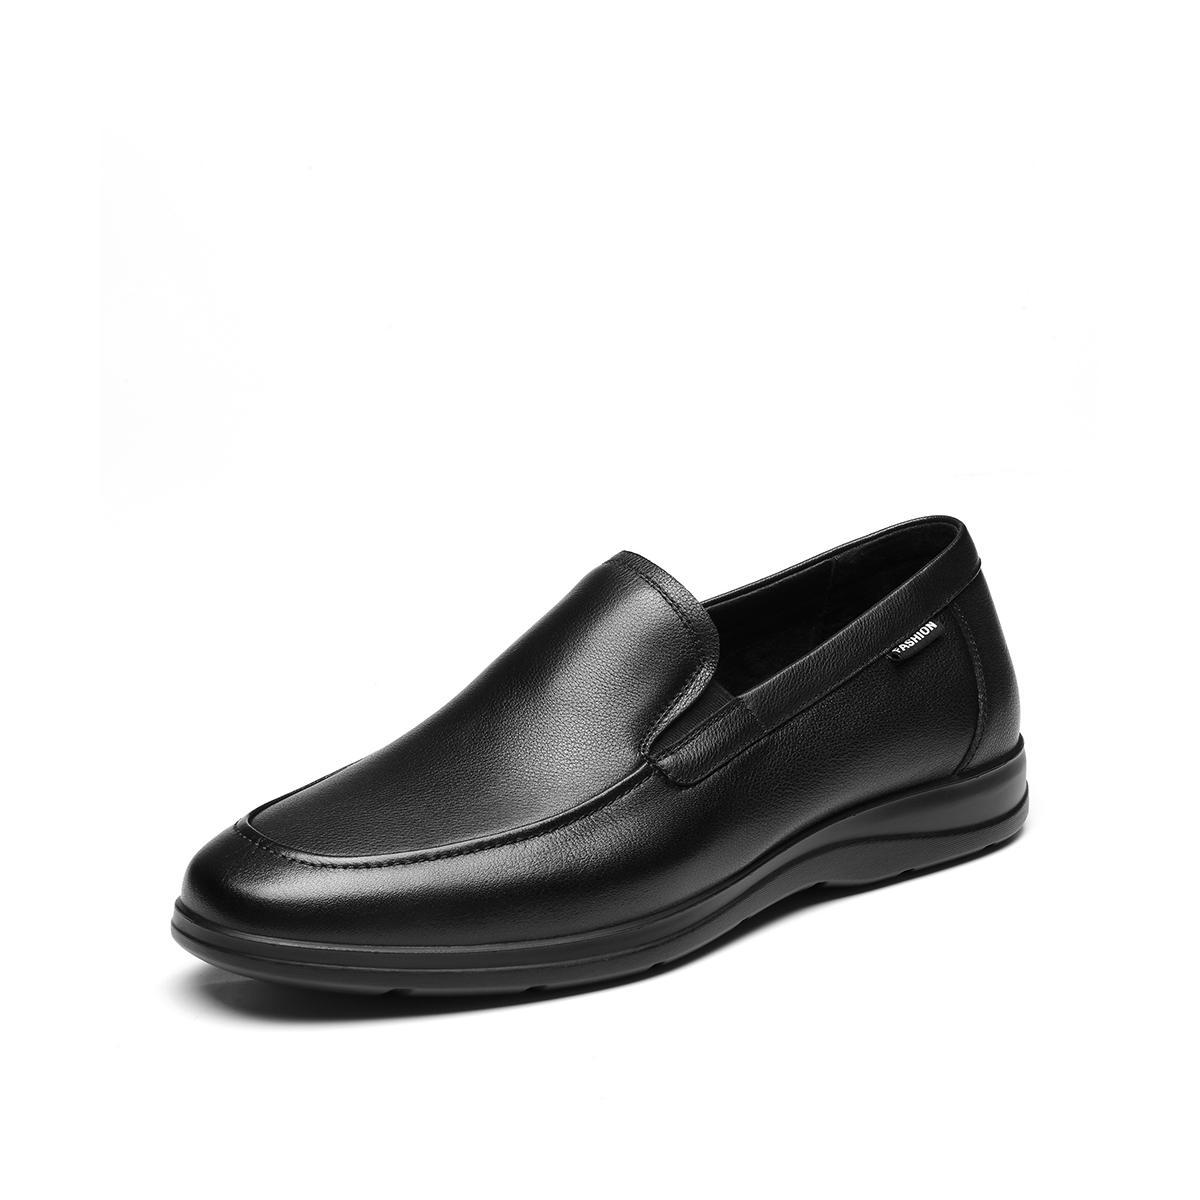 森达森达2020春季新款专柜同款舒适一脚蹬简约平底商务男鞋V8Q1DH06DU1AM0